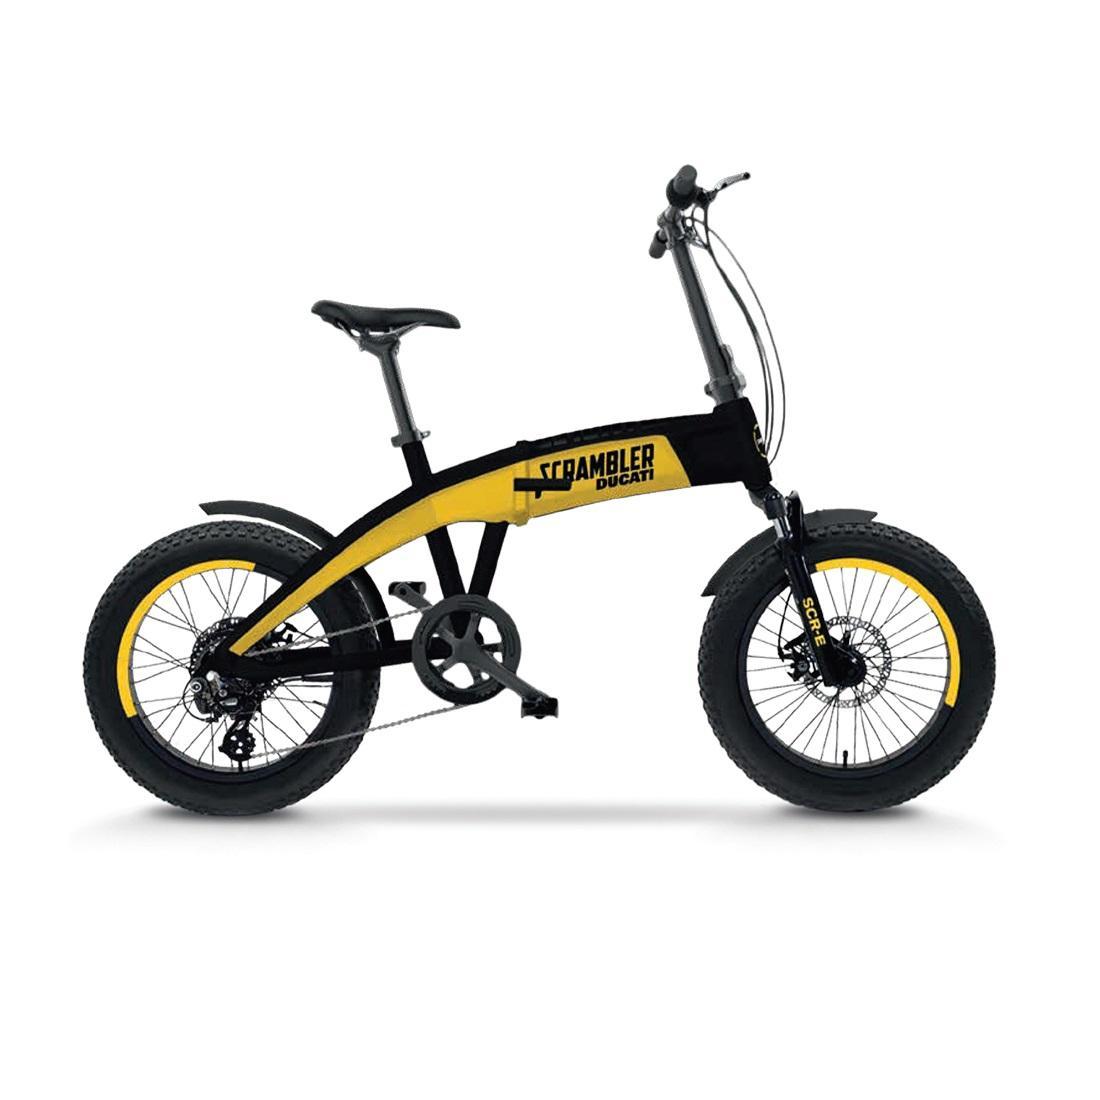 E-Bike Ducati Scrambler SCR-E Nero, Giallo Alluminio 50,8 cm (20